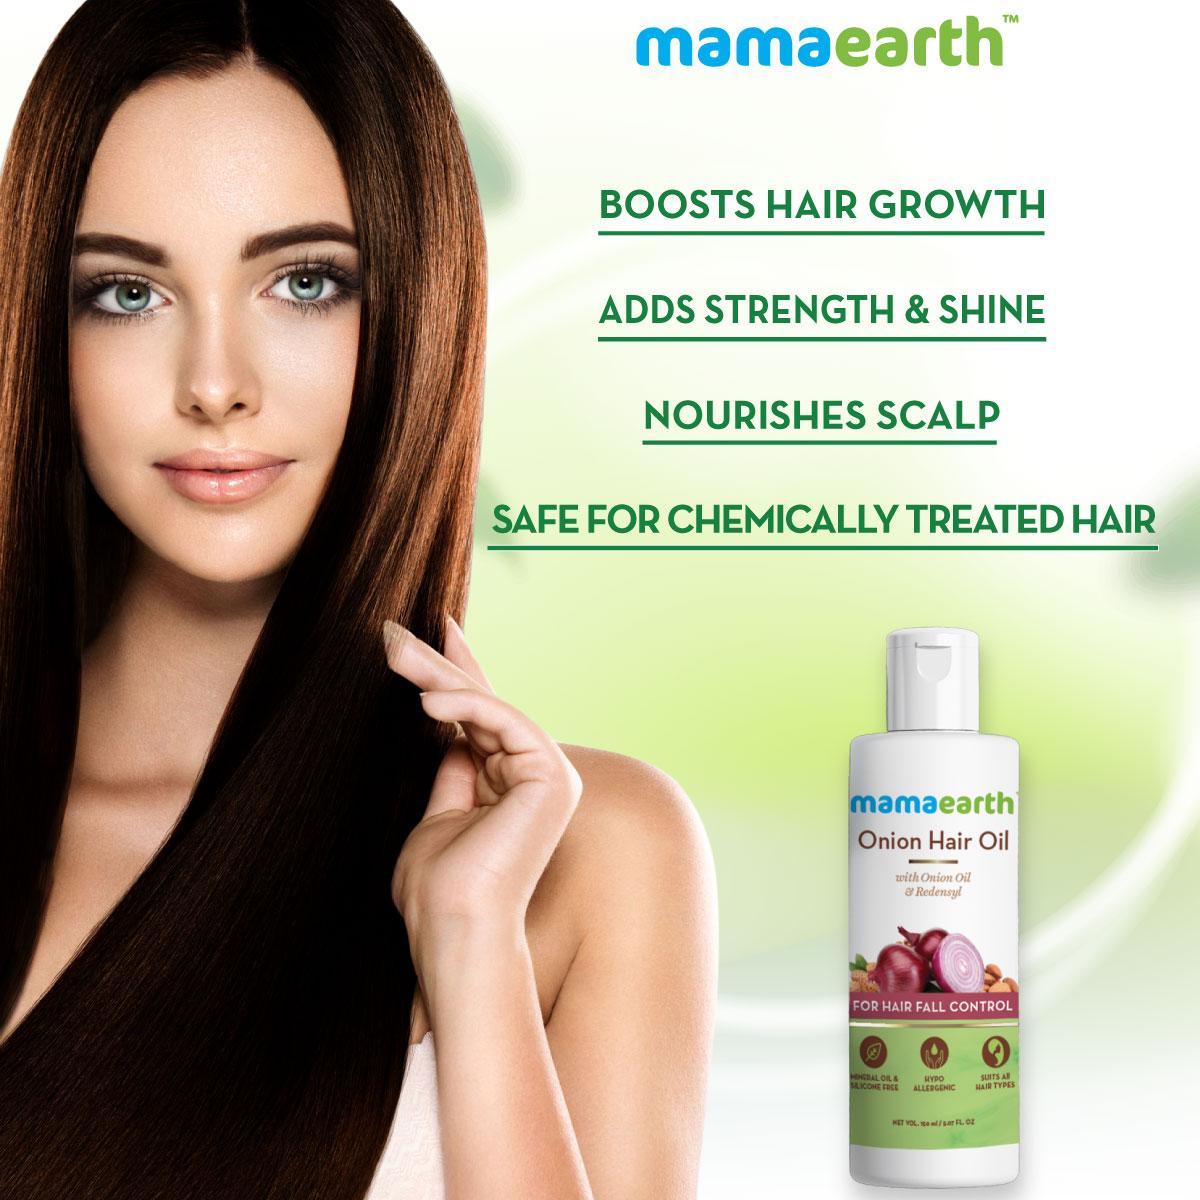 Onion Hair Oil For Hair Fall Control Mamaearth 150ml